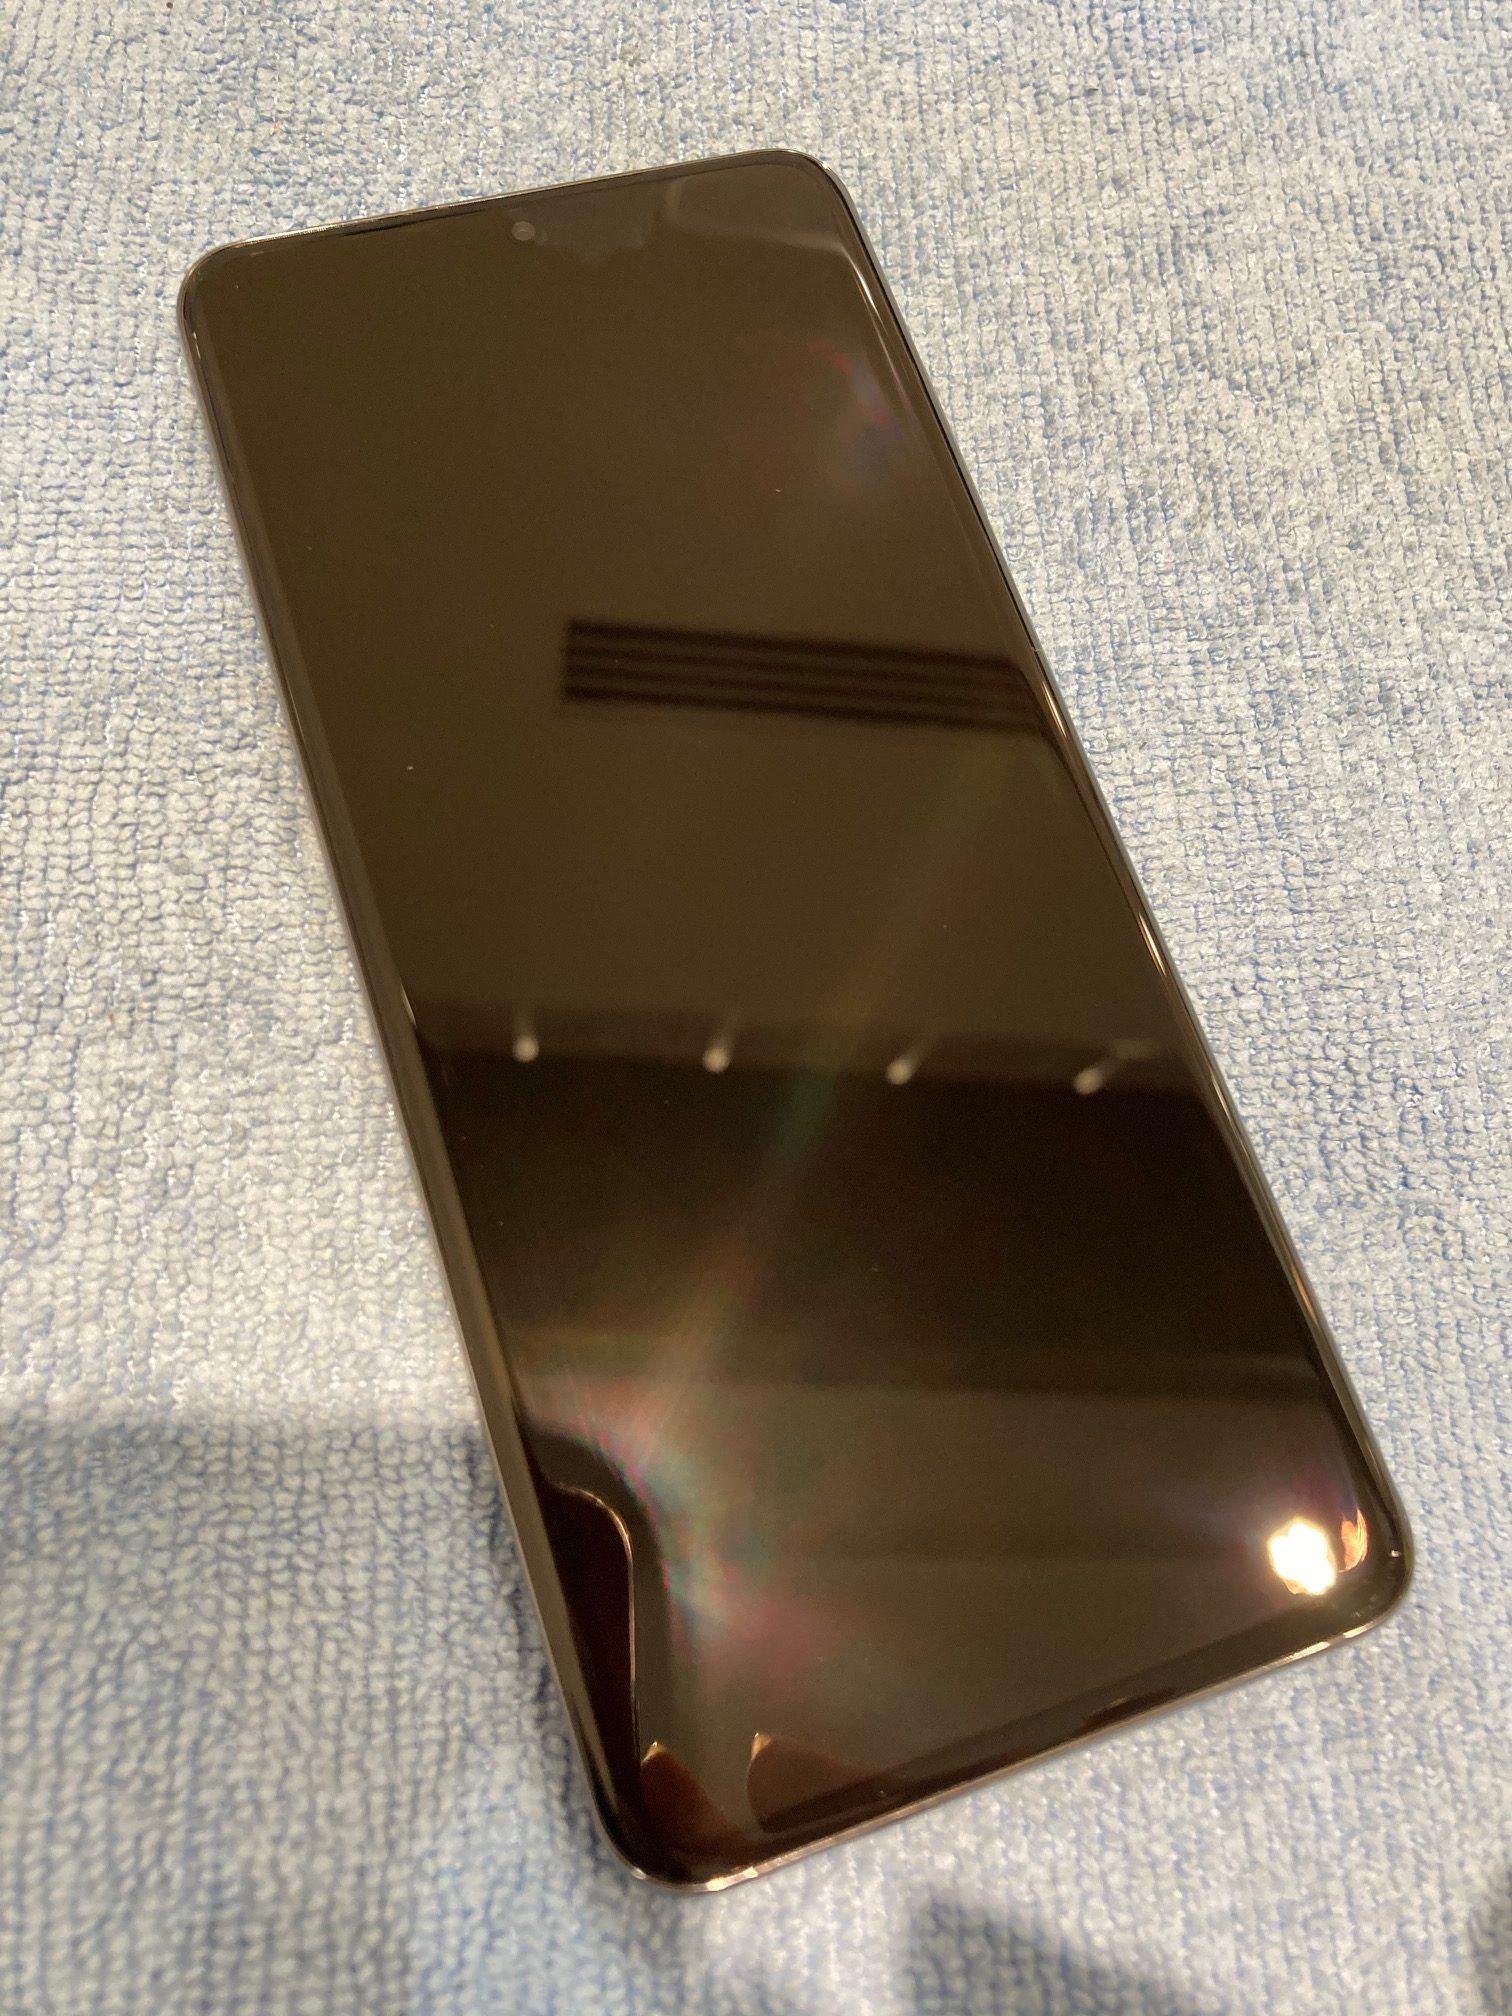 Android・iPhoneどんな機種にも対応!今大人気のガラスコーティングを10分で施工いたします!